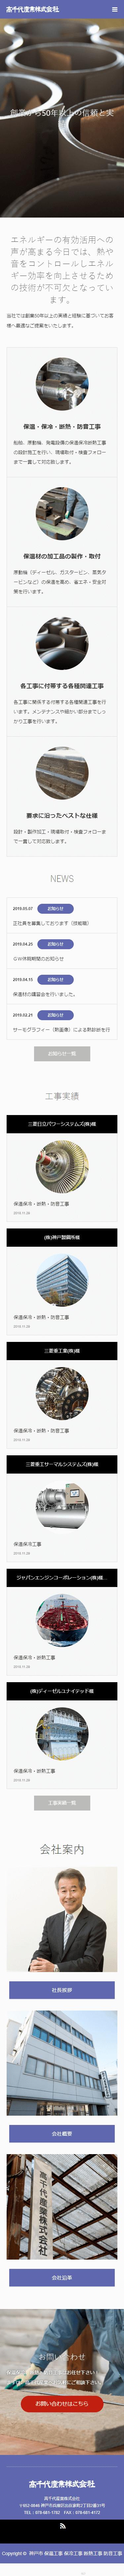 神戸市 高千代産業株式会社 ホームページ制作3